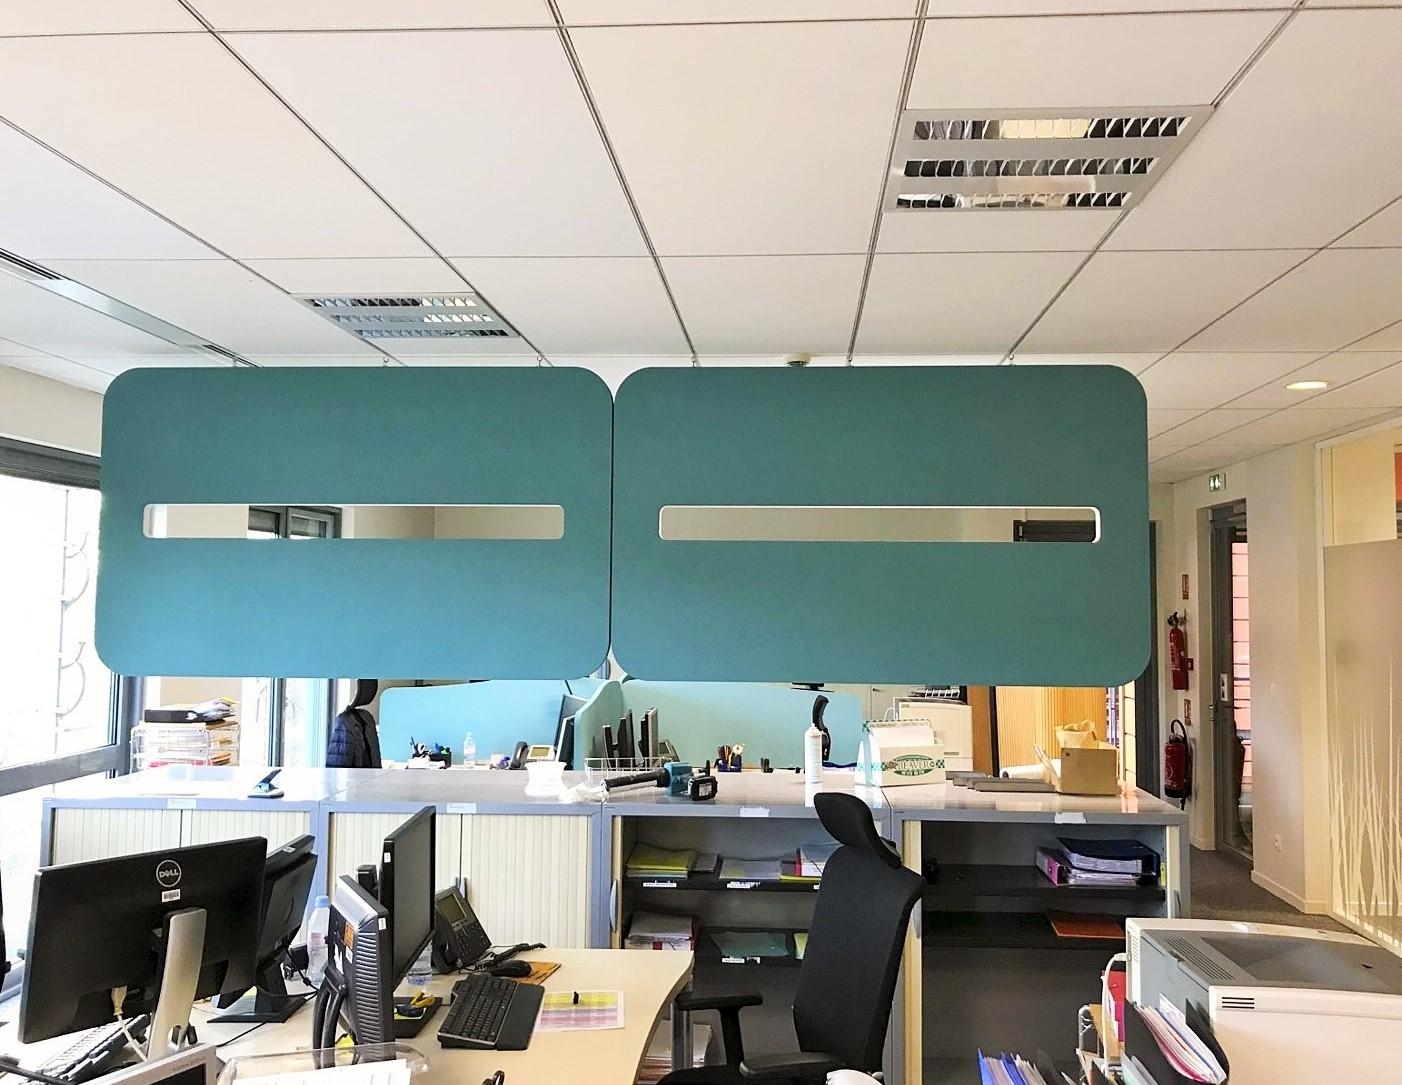 Design acoustique - Design Brise vue acoustique color posé au plafond par suspension